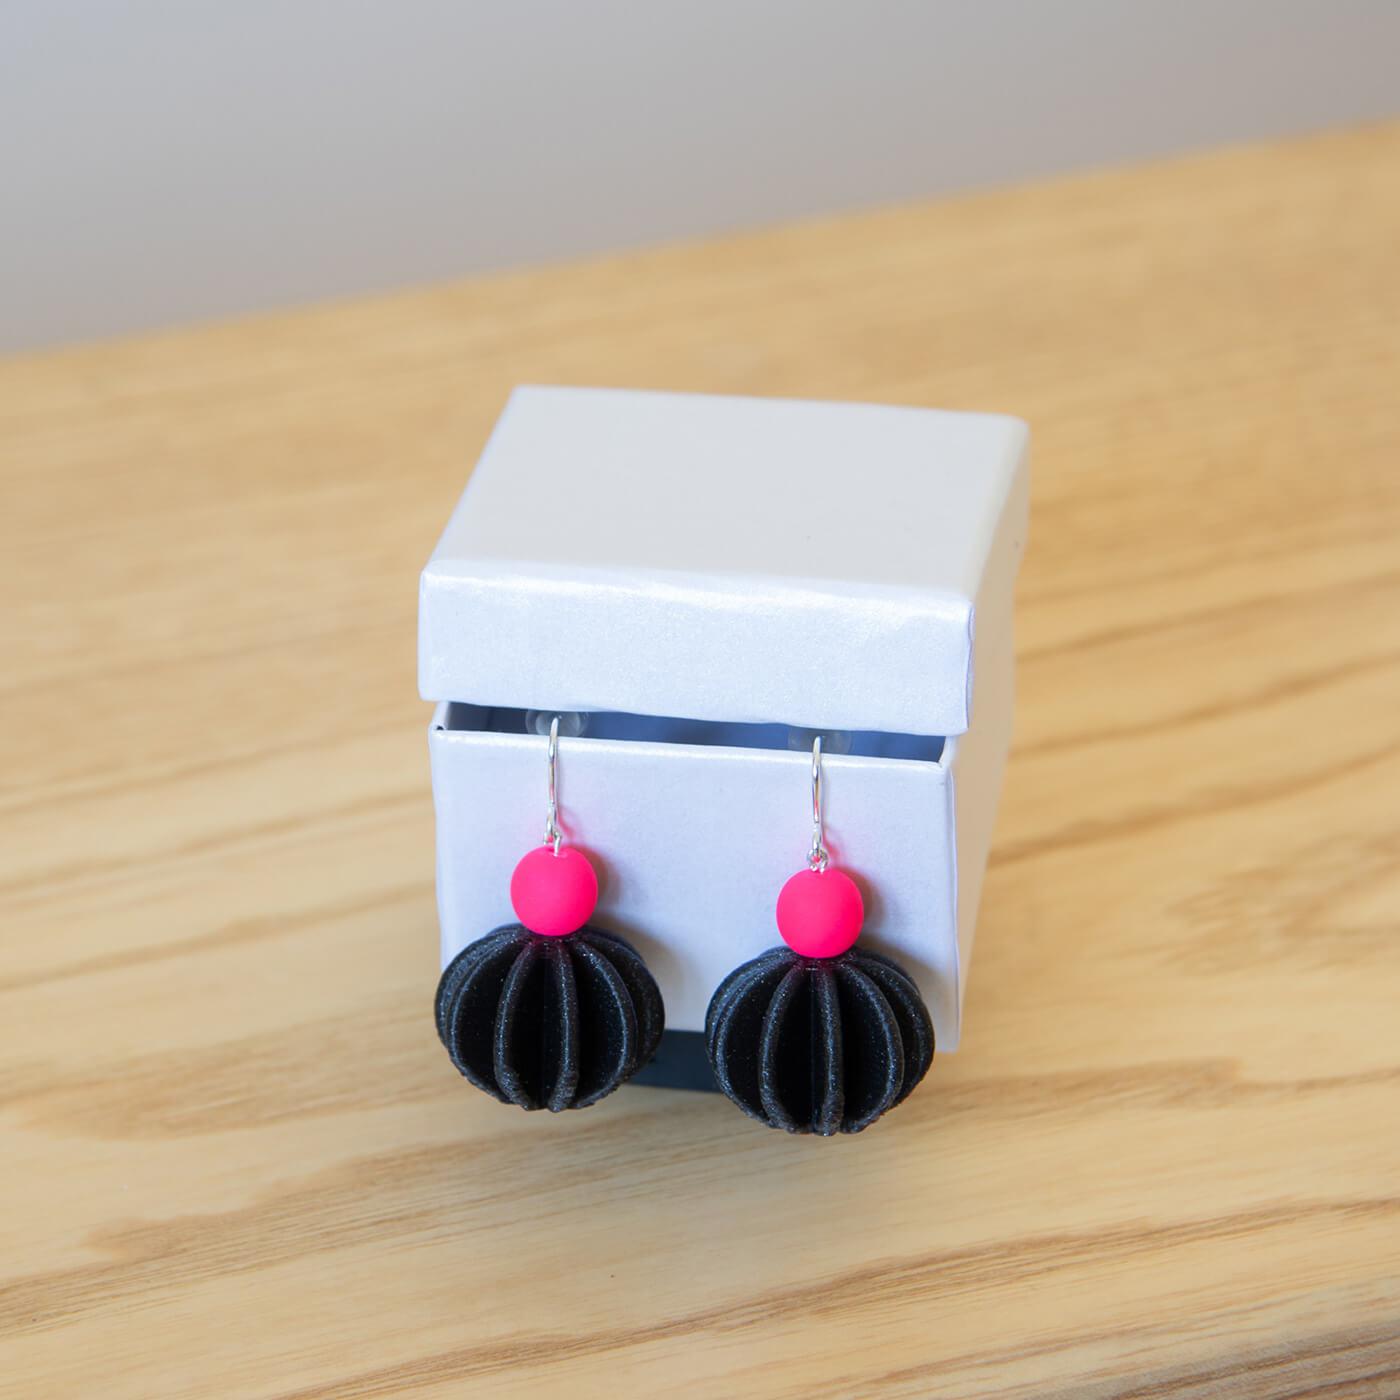 Visiace náušnice Moonica - Pink